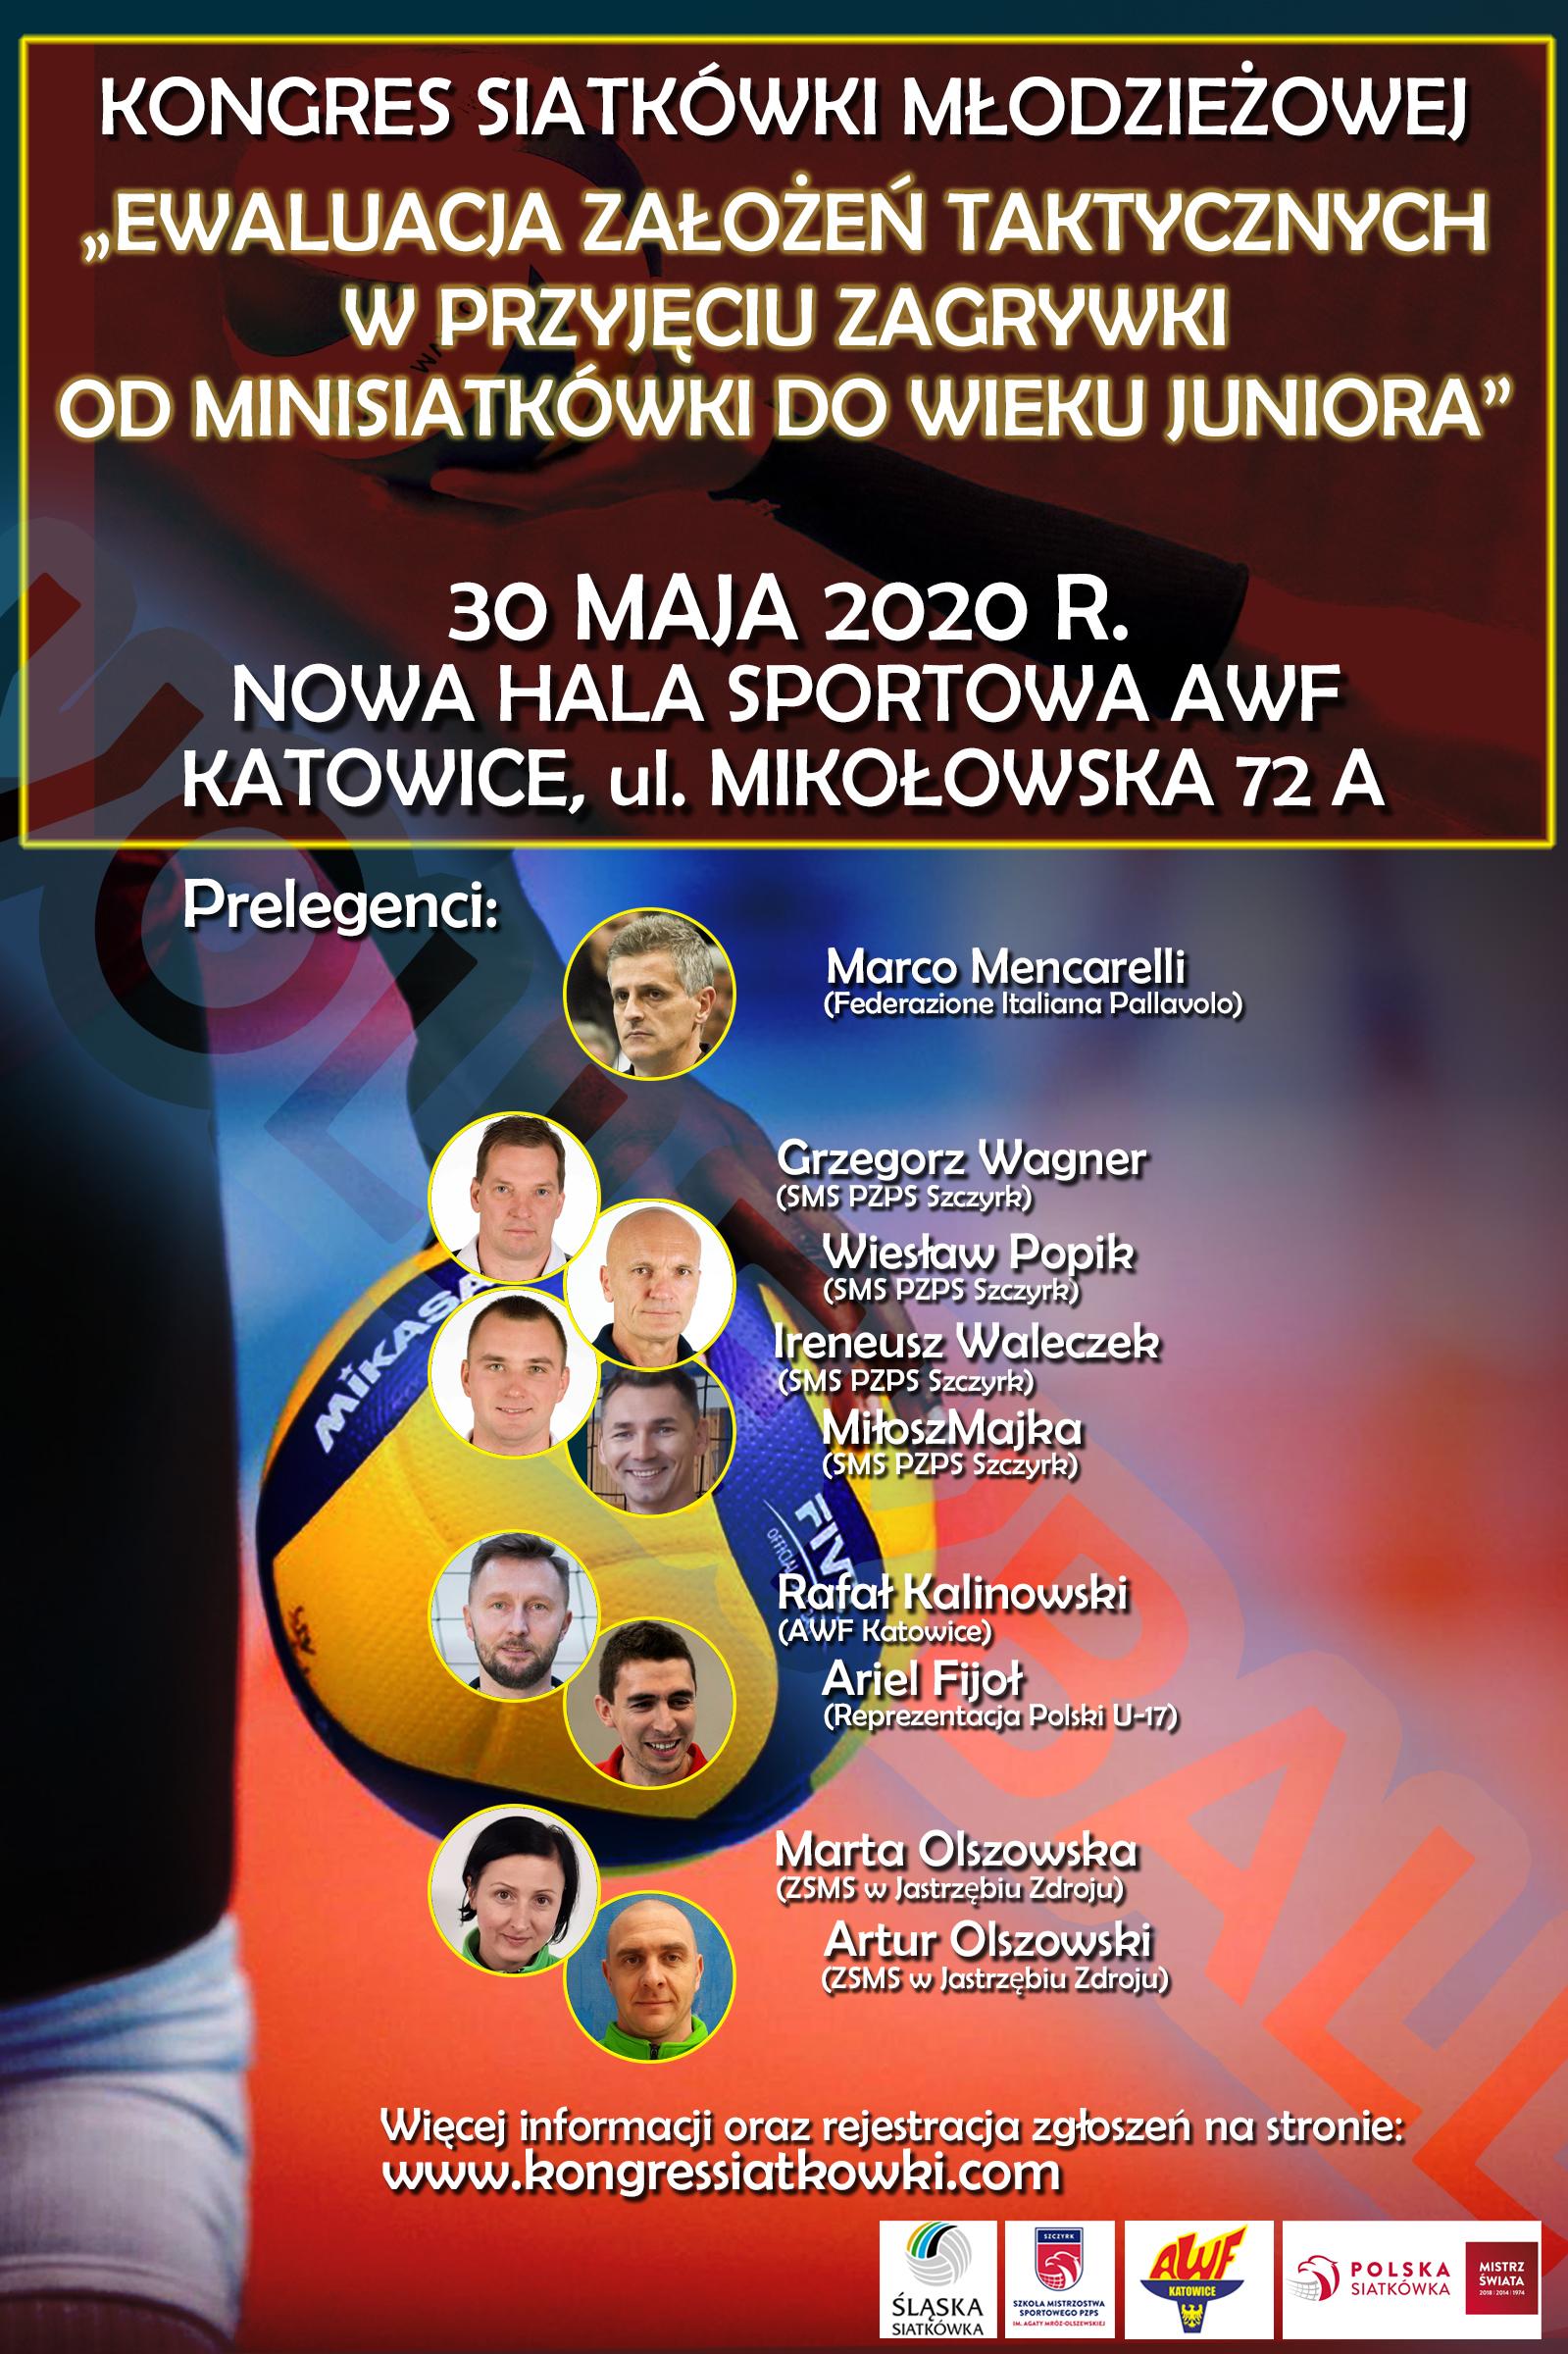 Kongres Siatkówki Młodzieżowej Katowice 30.05.2020r